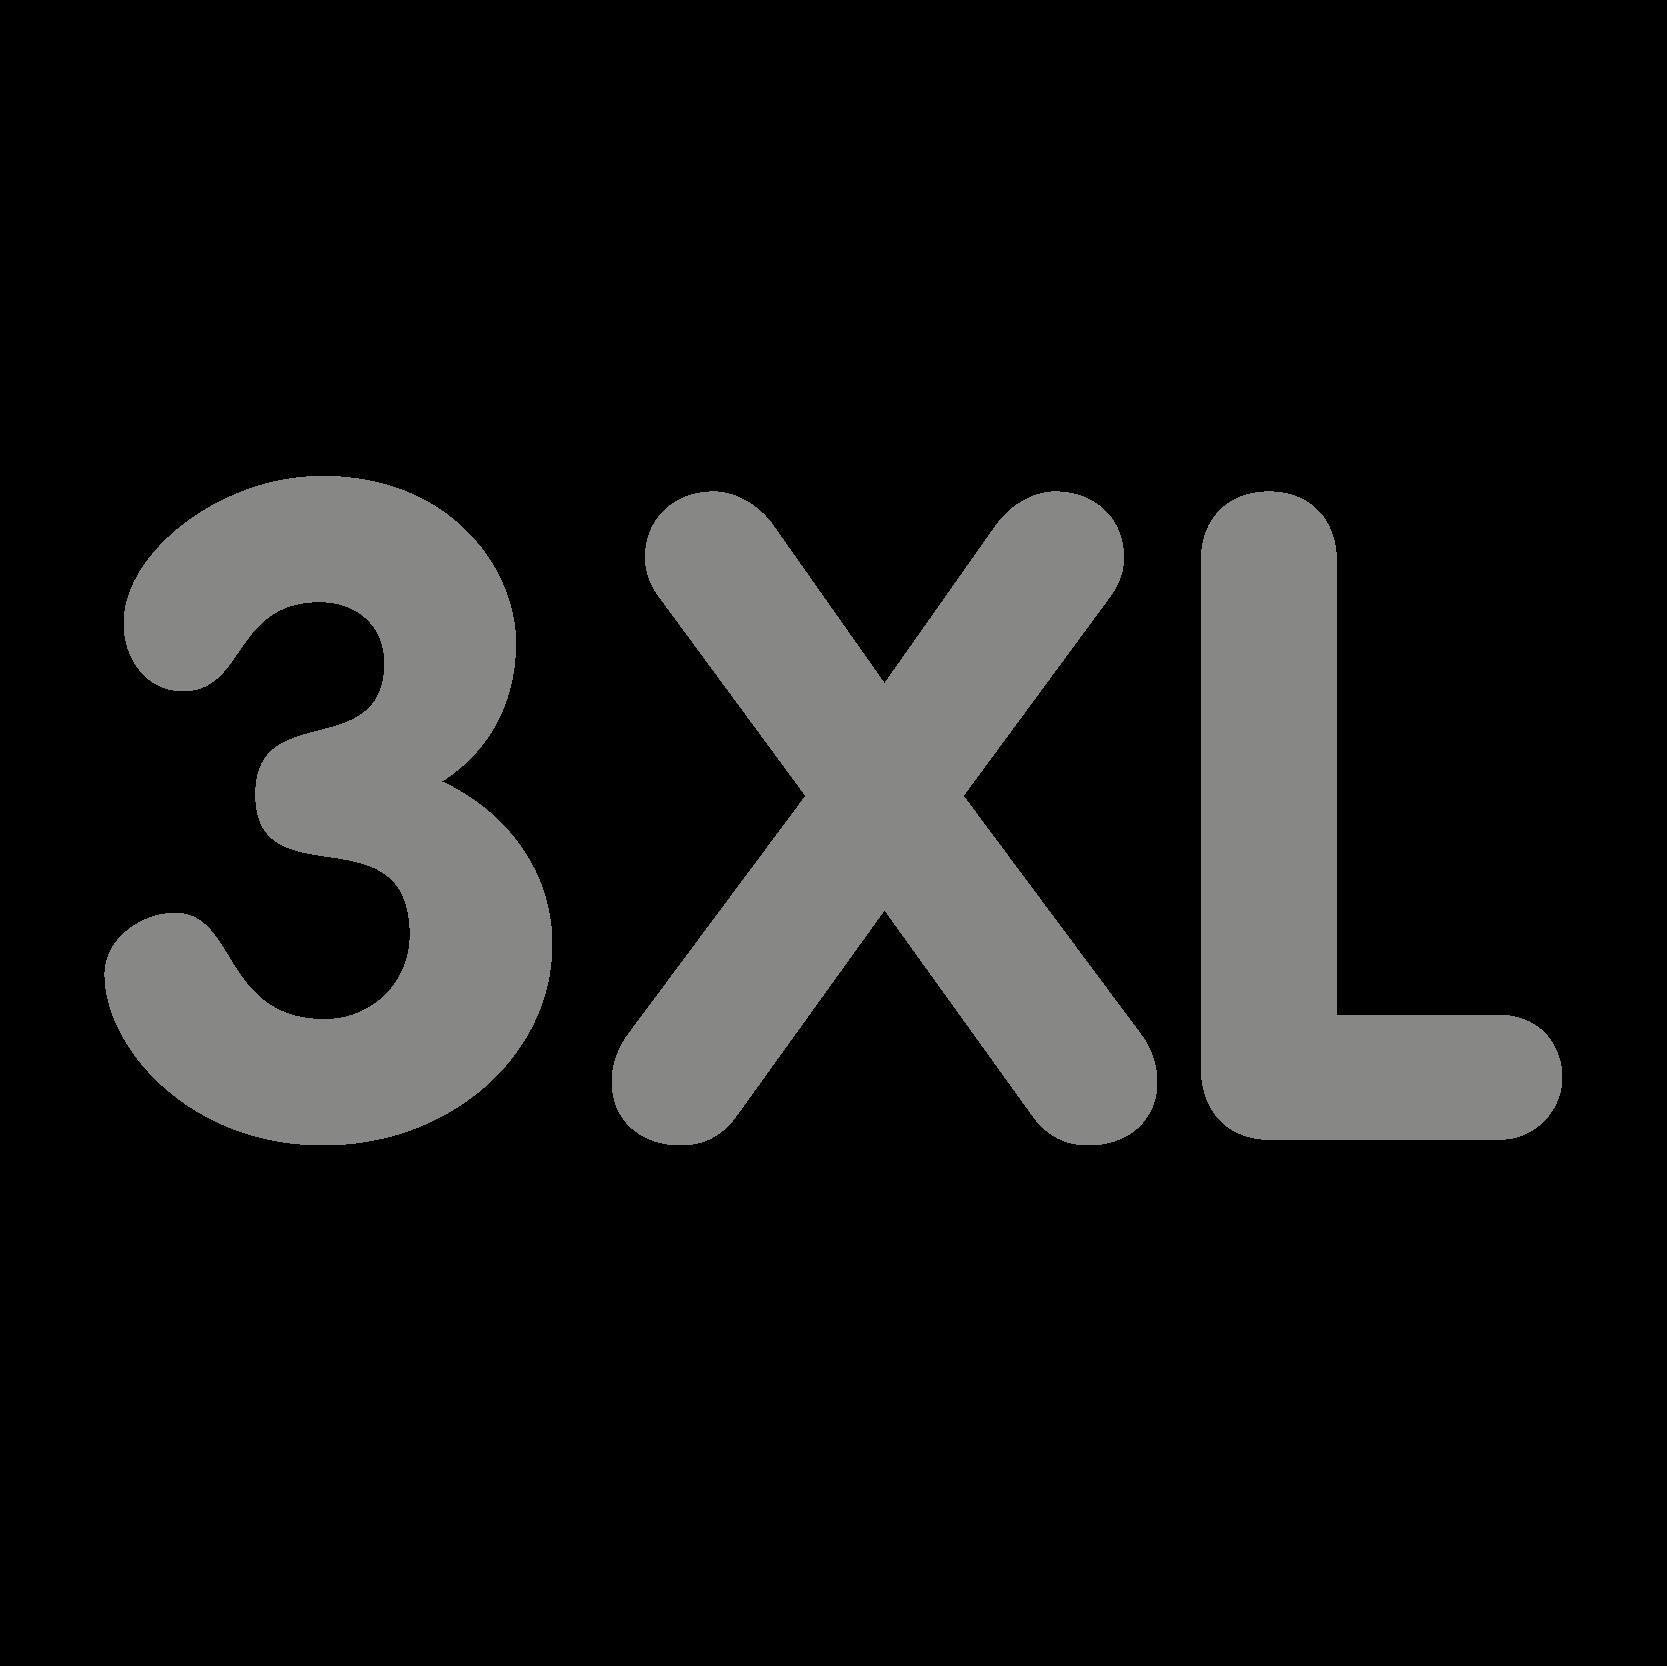 New size 3XL